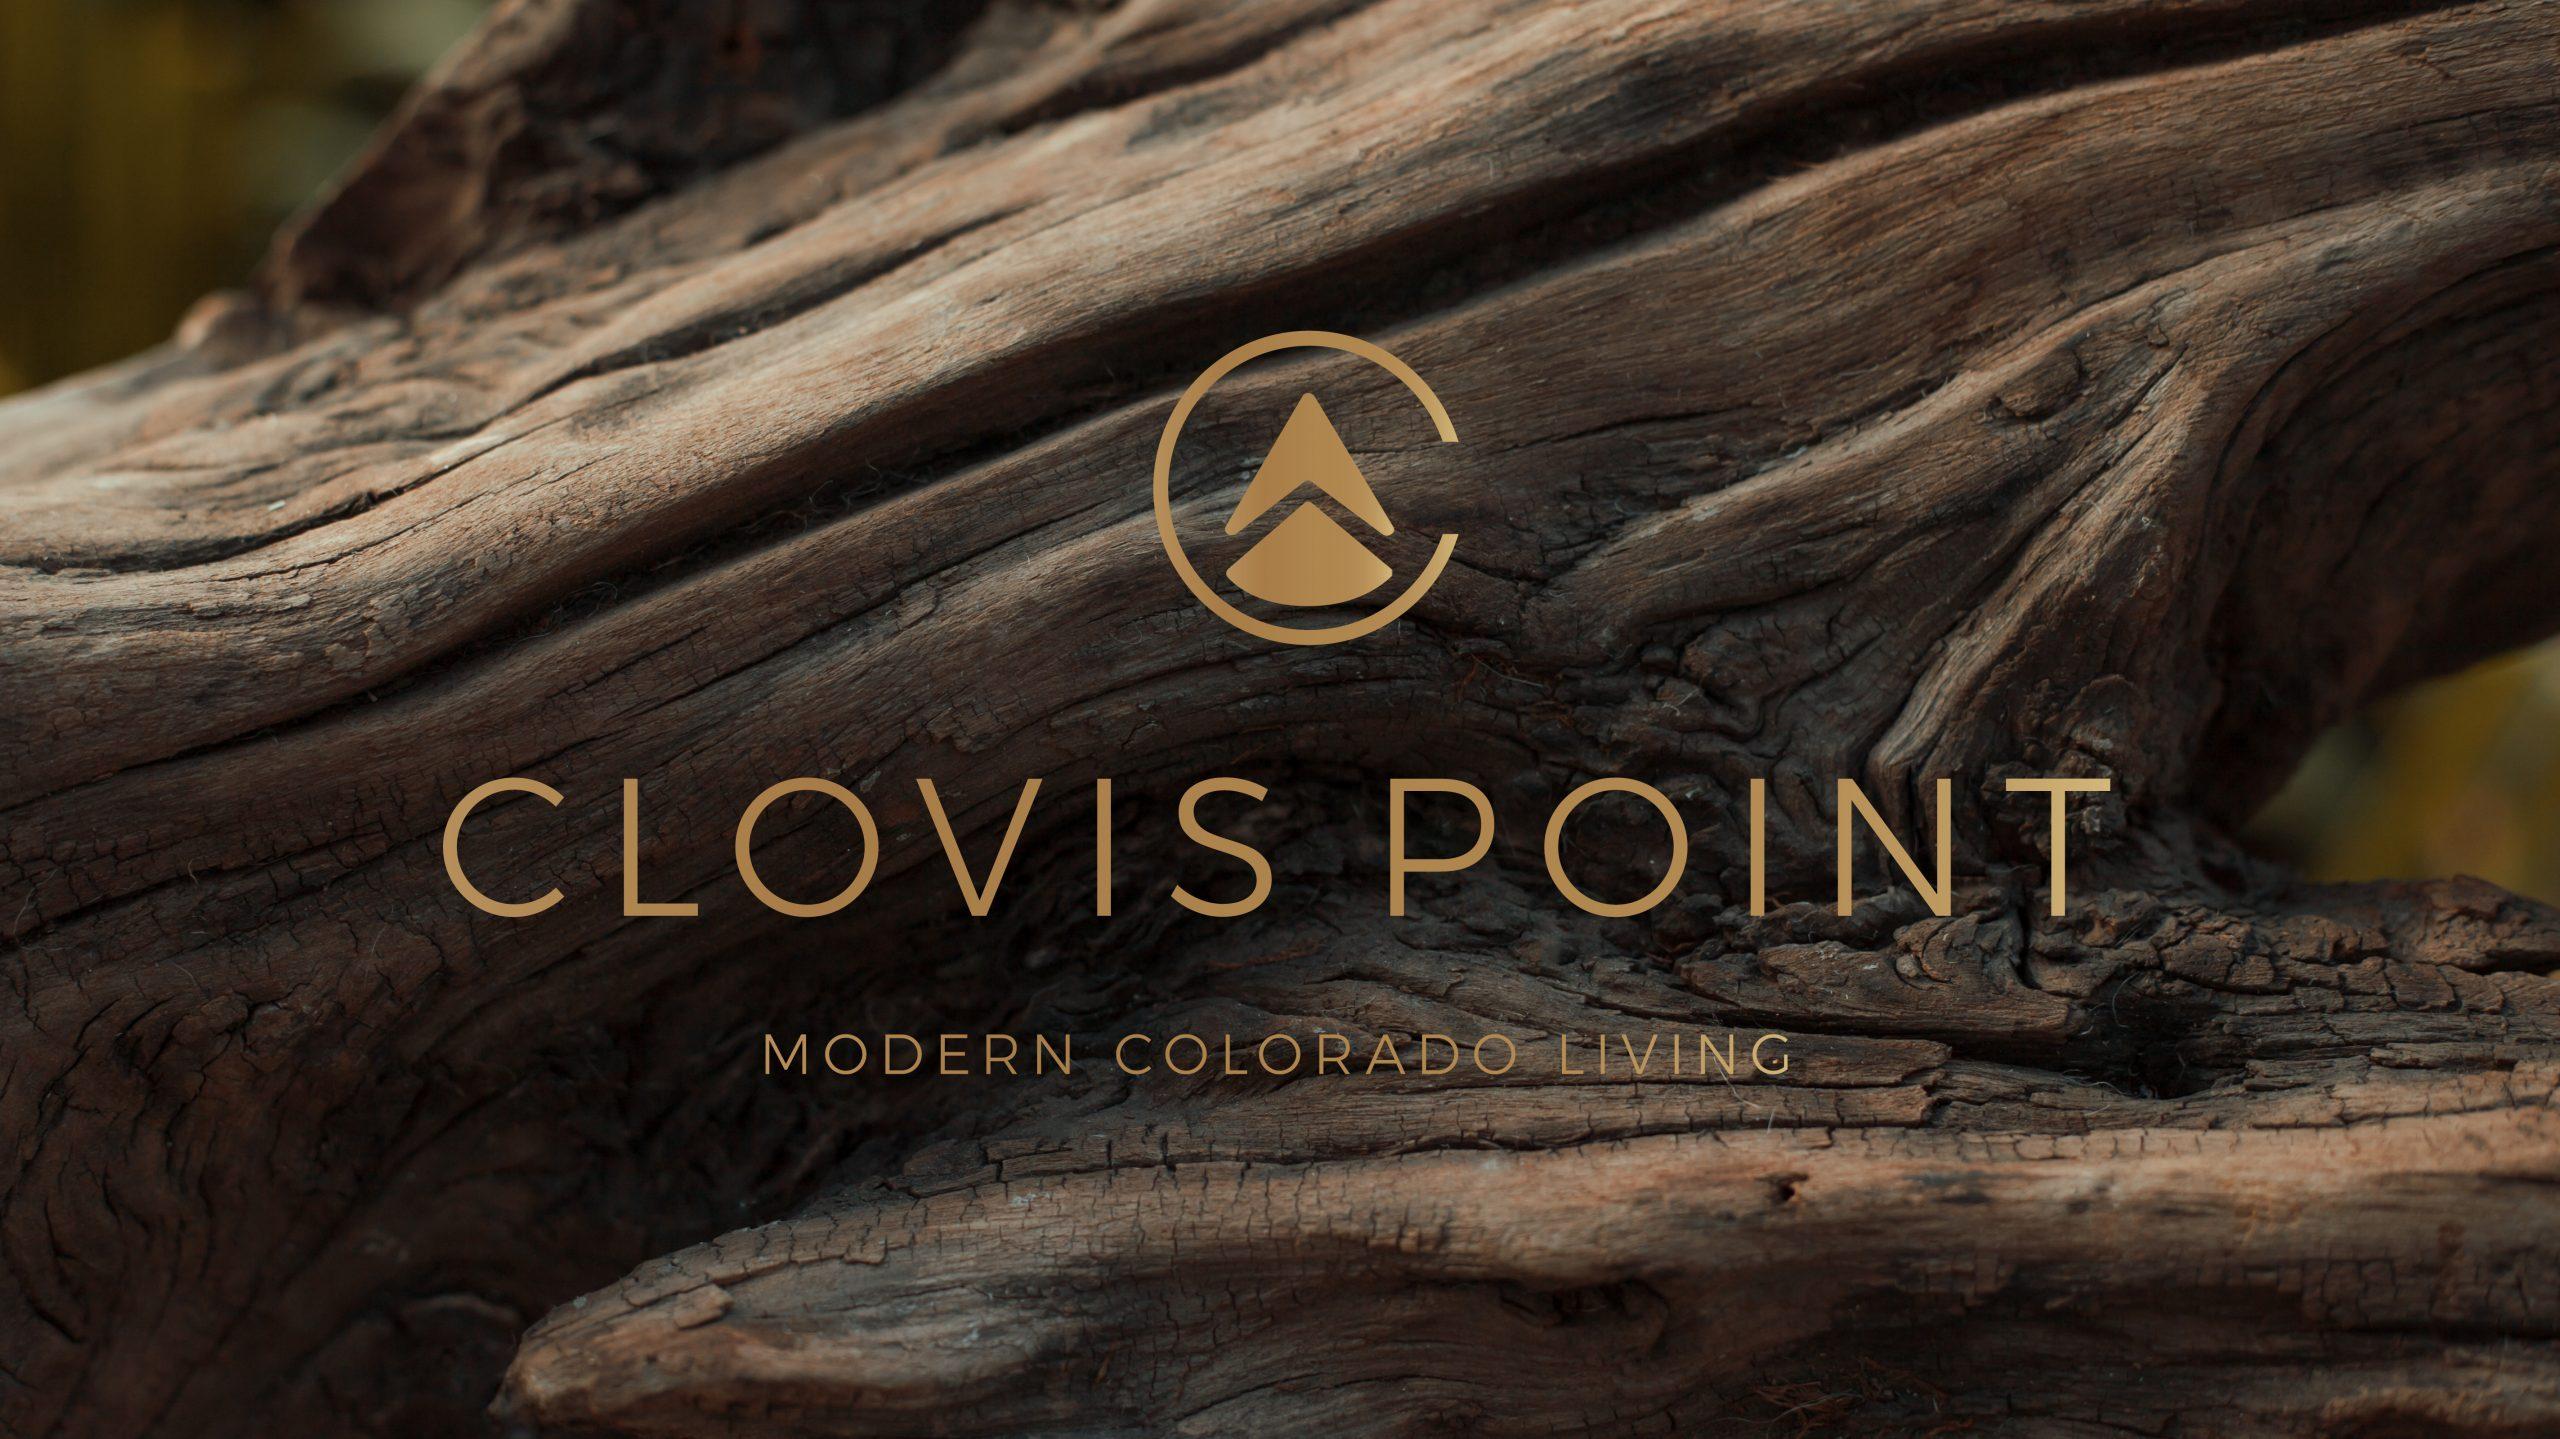 Clovis Point